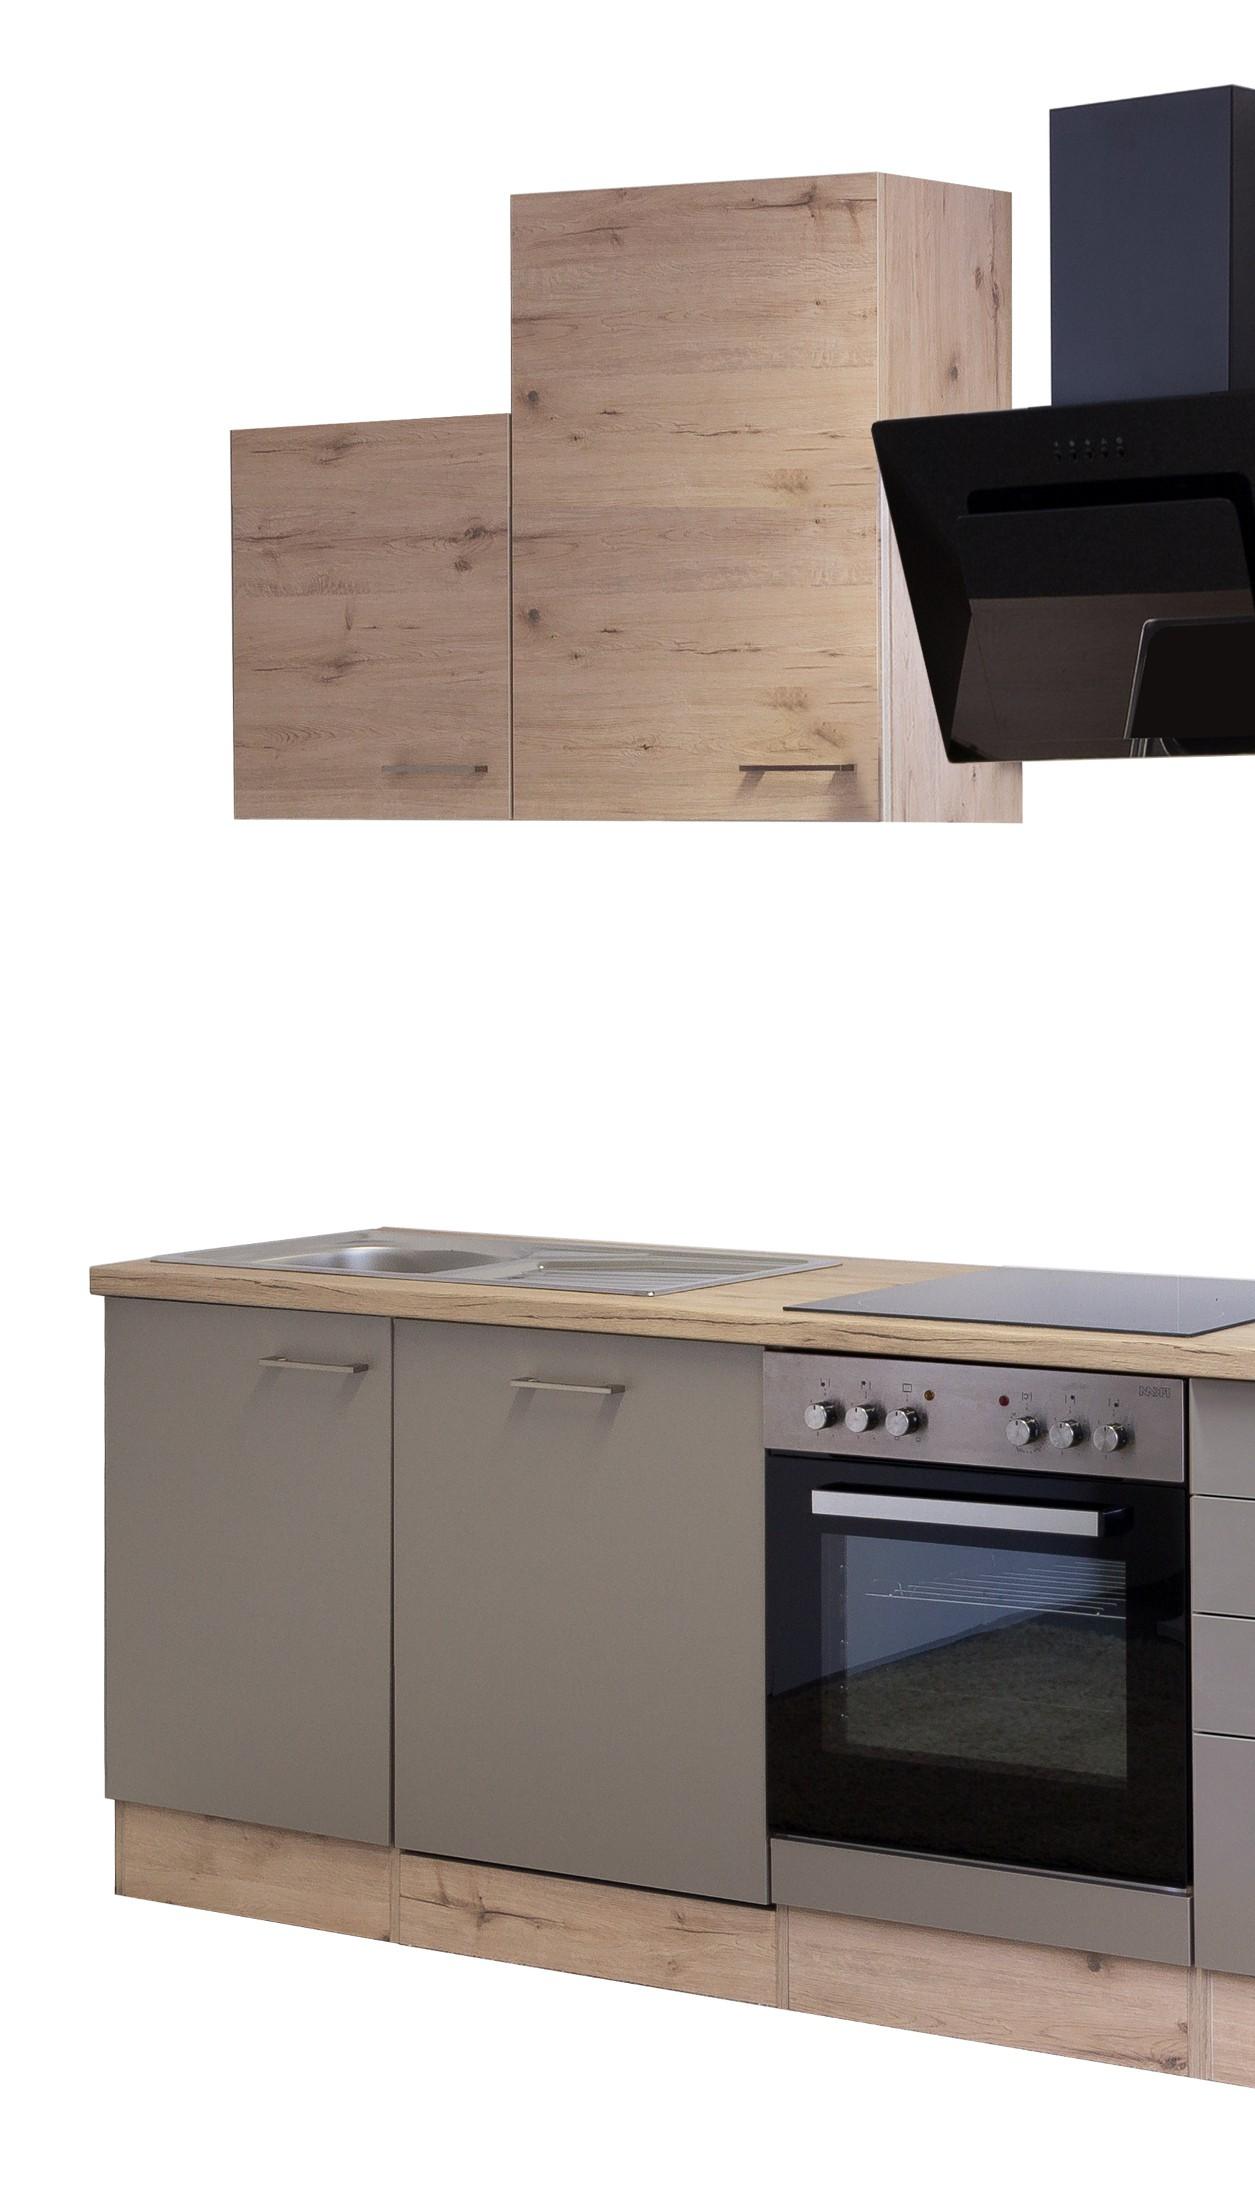 k chenzeile riva k che mit e ger ten und design dunstabzug breite 220 cm bronze metallic. Black Bedroom Furniture Sets. Home Design Ideas